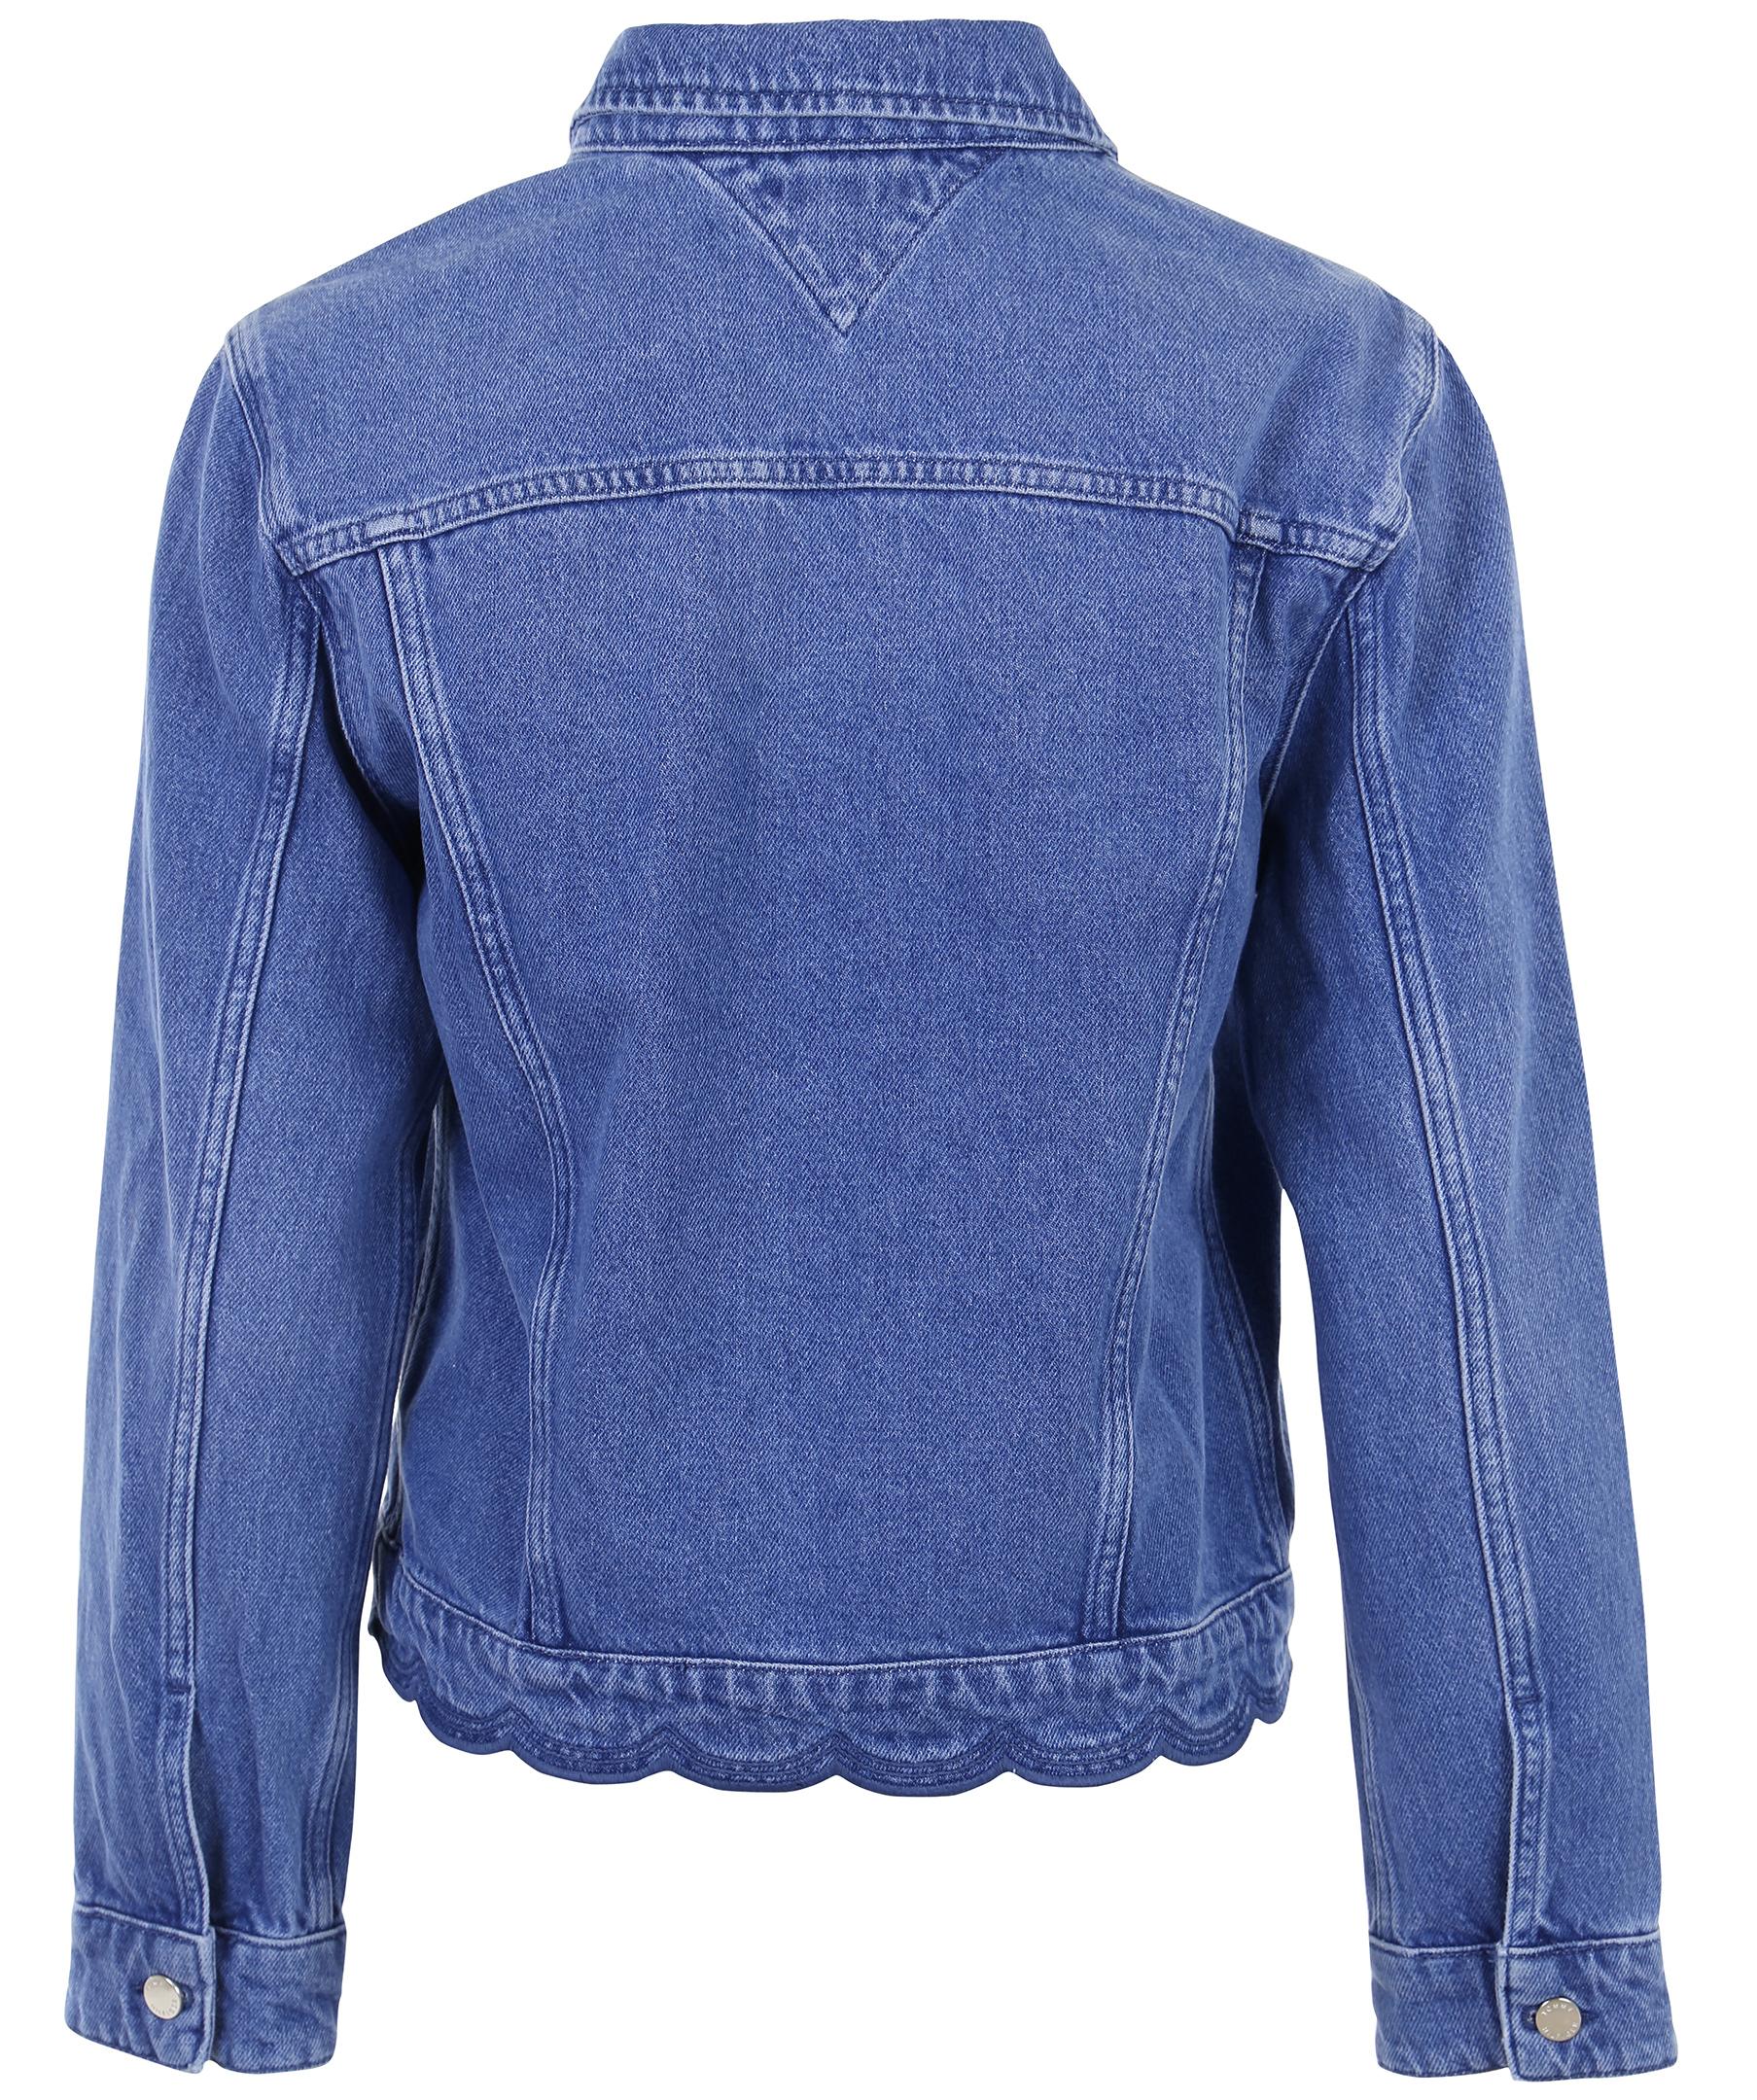 512332947fa Trendiga jackor för kvinnor | Johnells